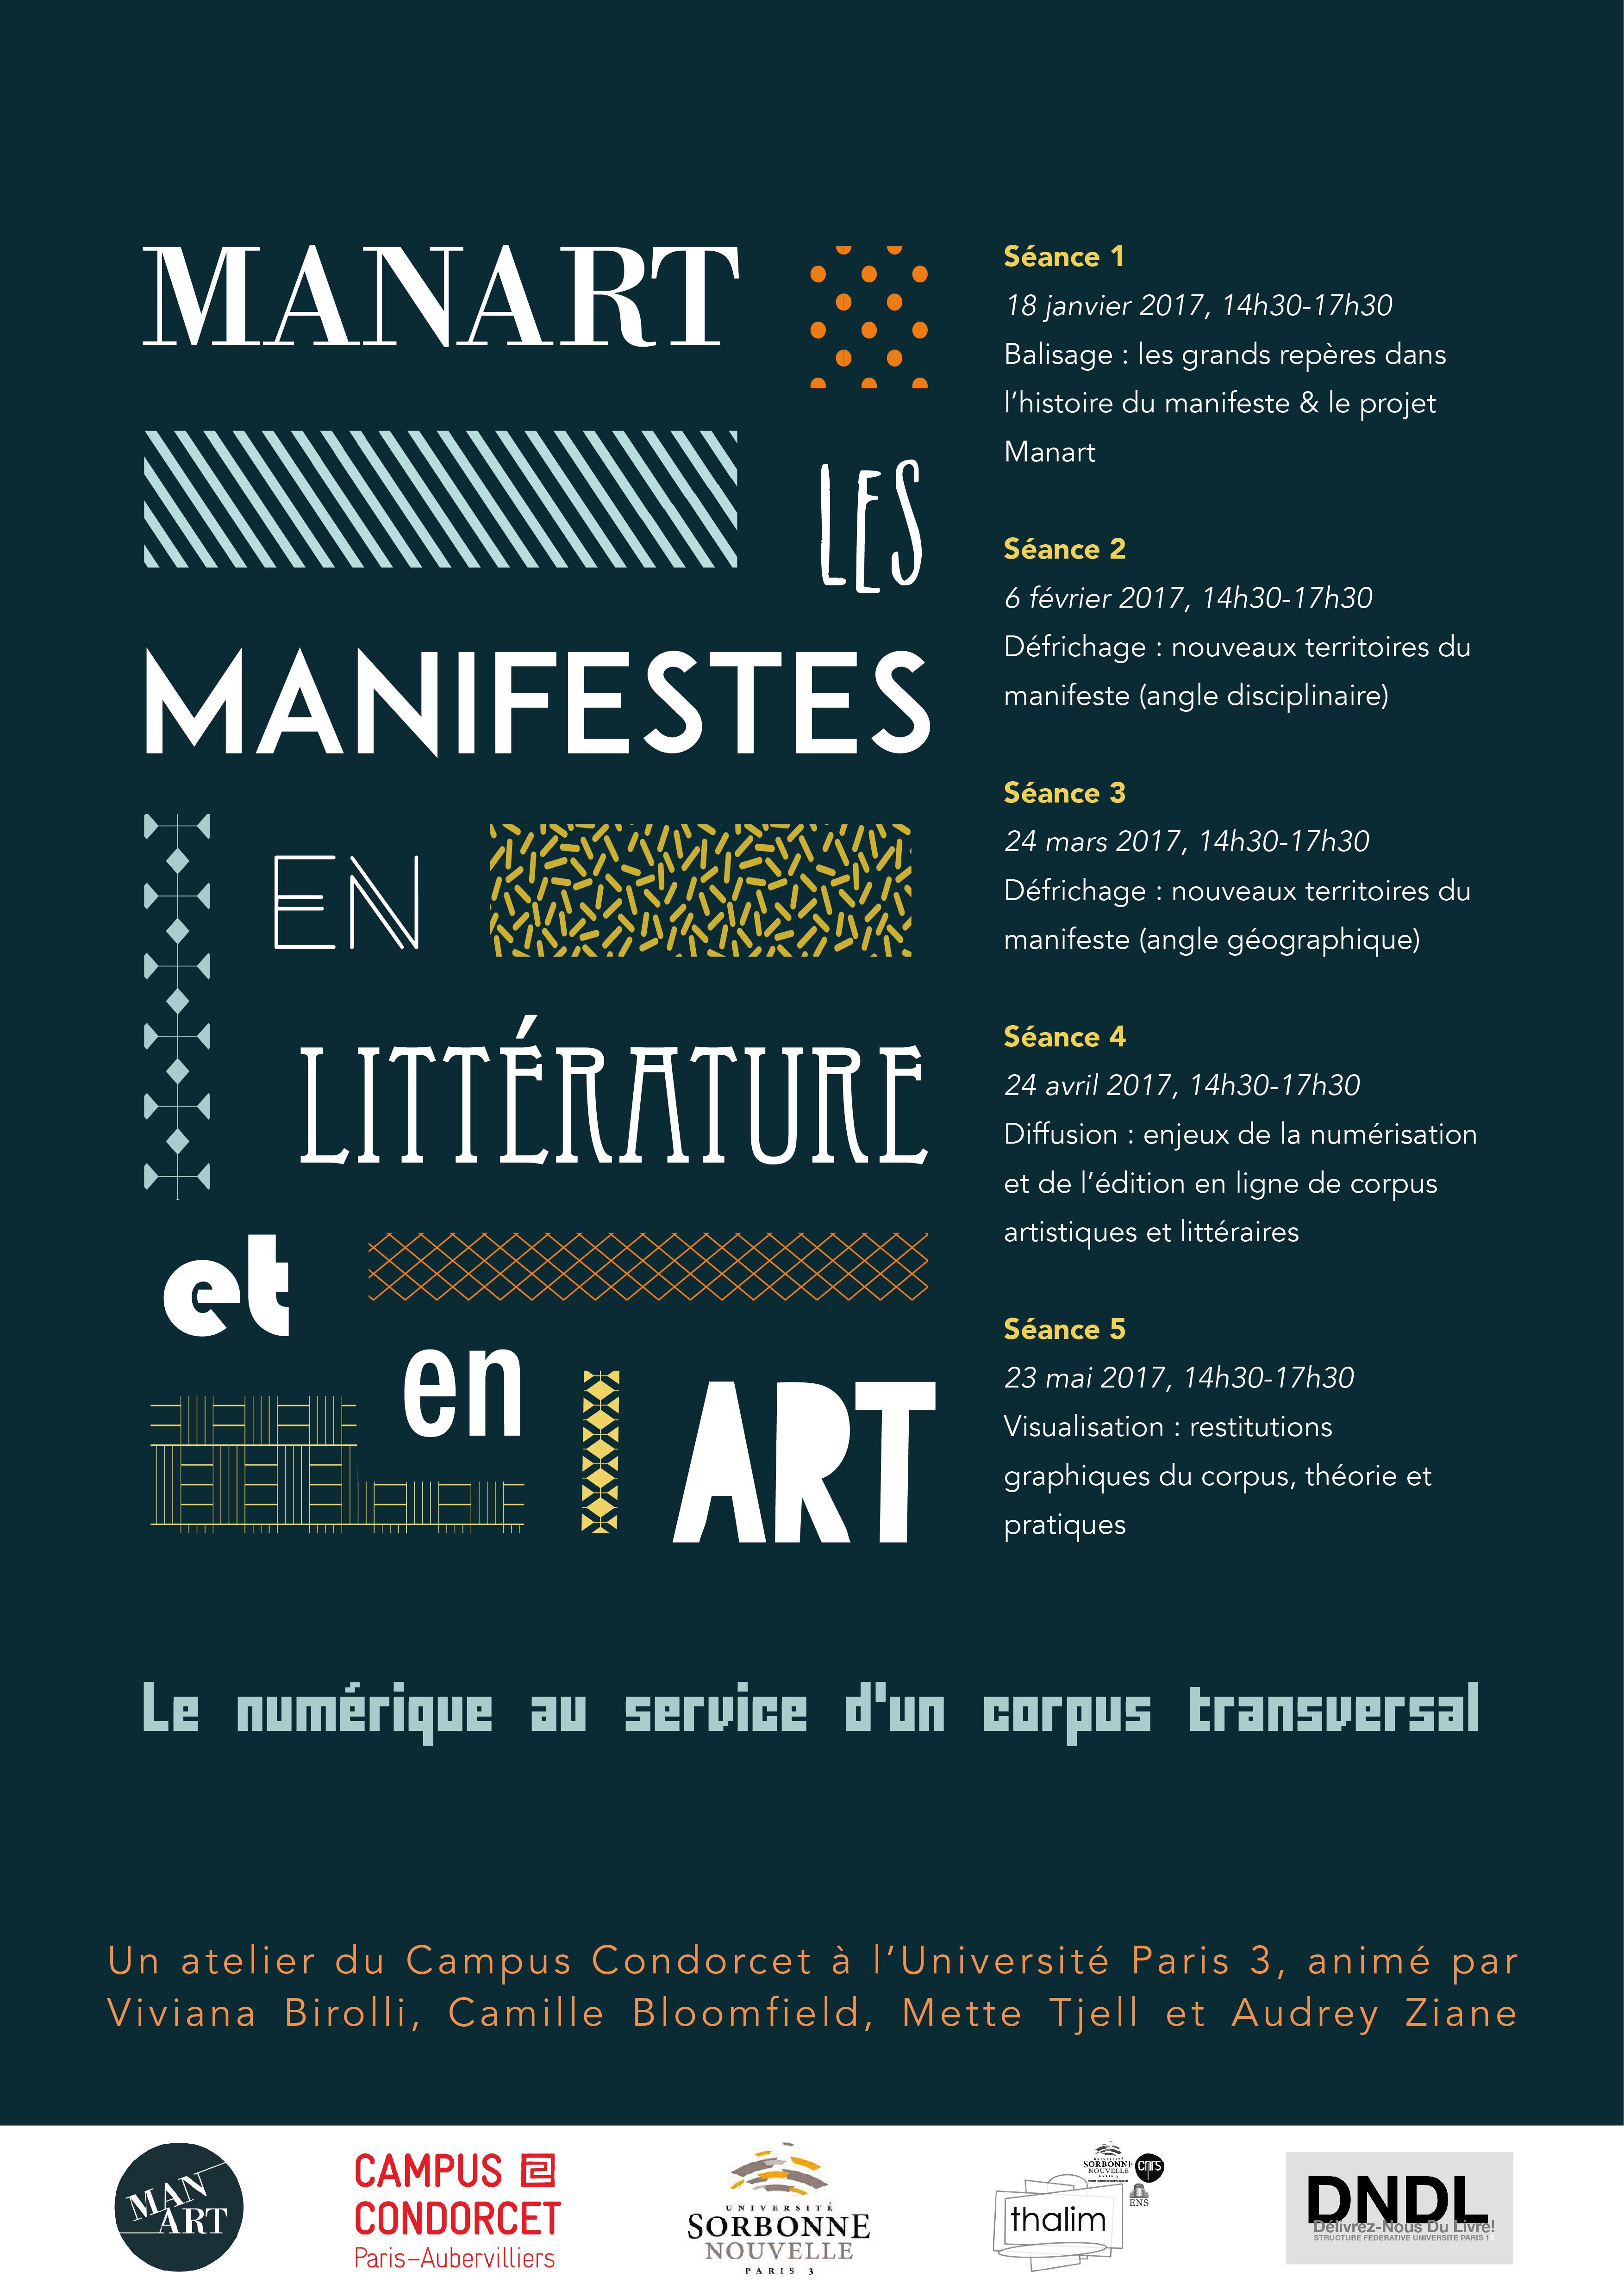 Manart, les manifestes en littérature et en art : le numérique au service d'un corpus transversal